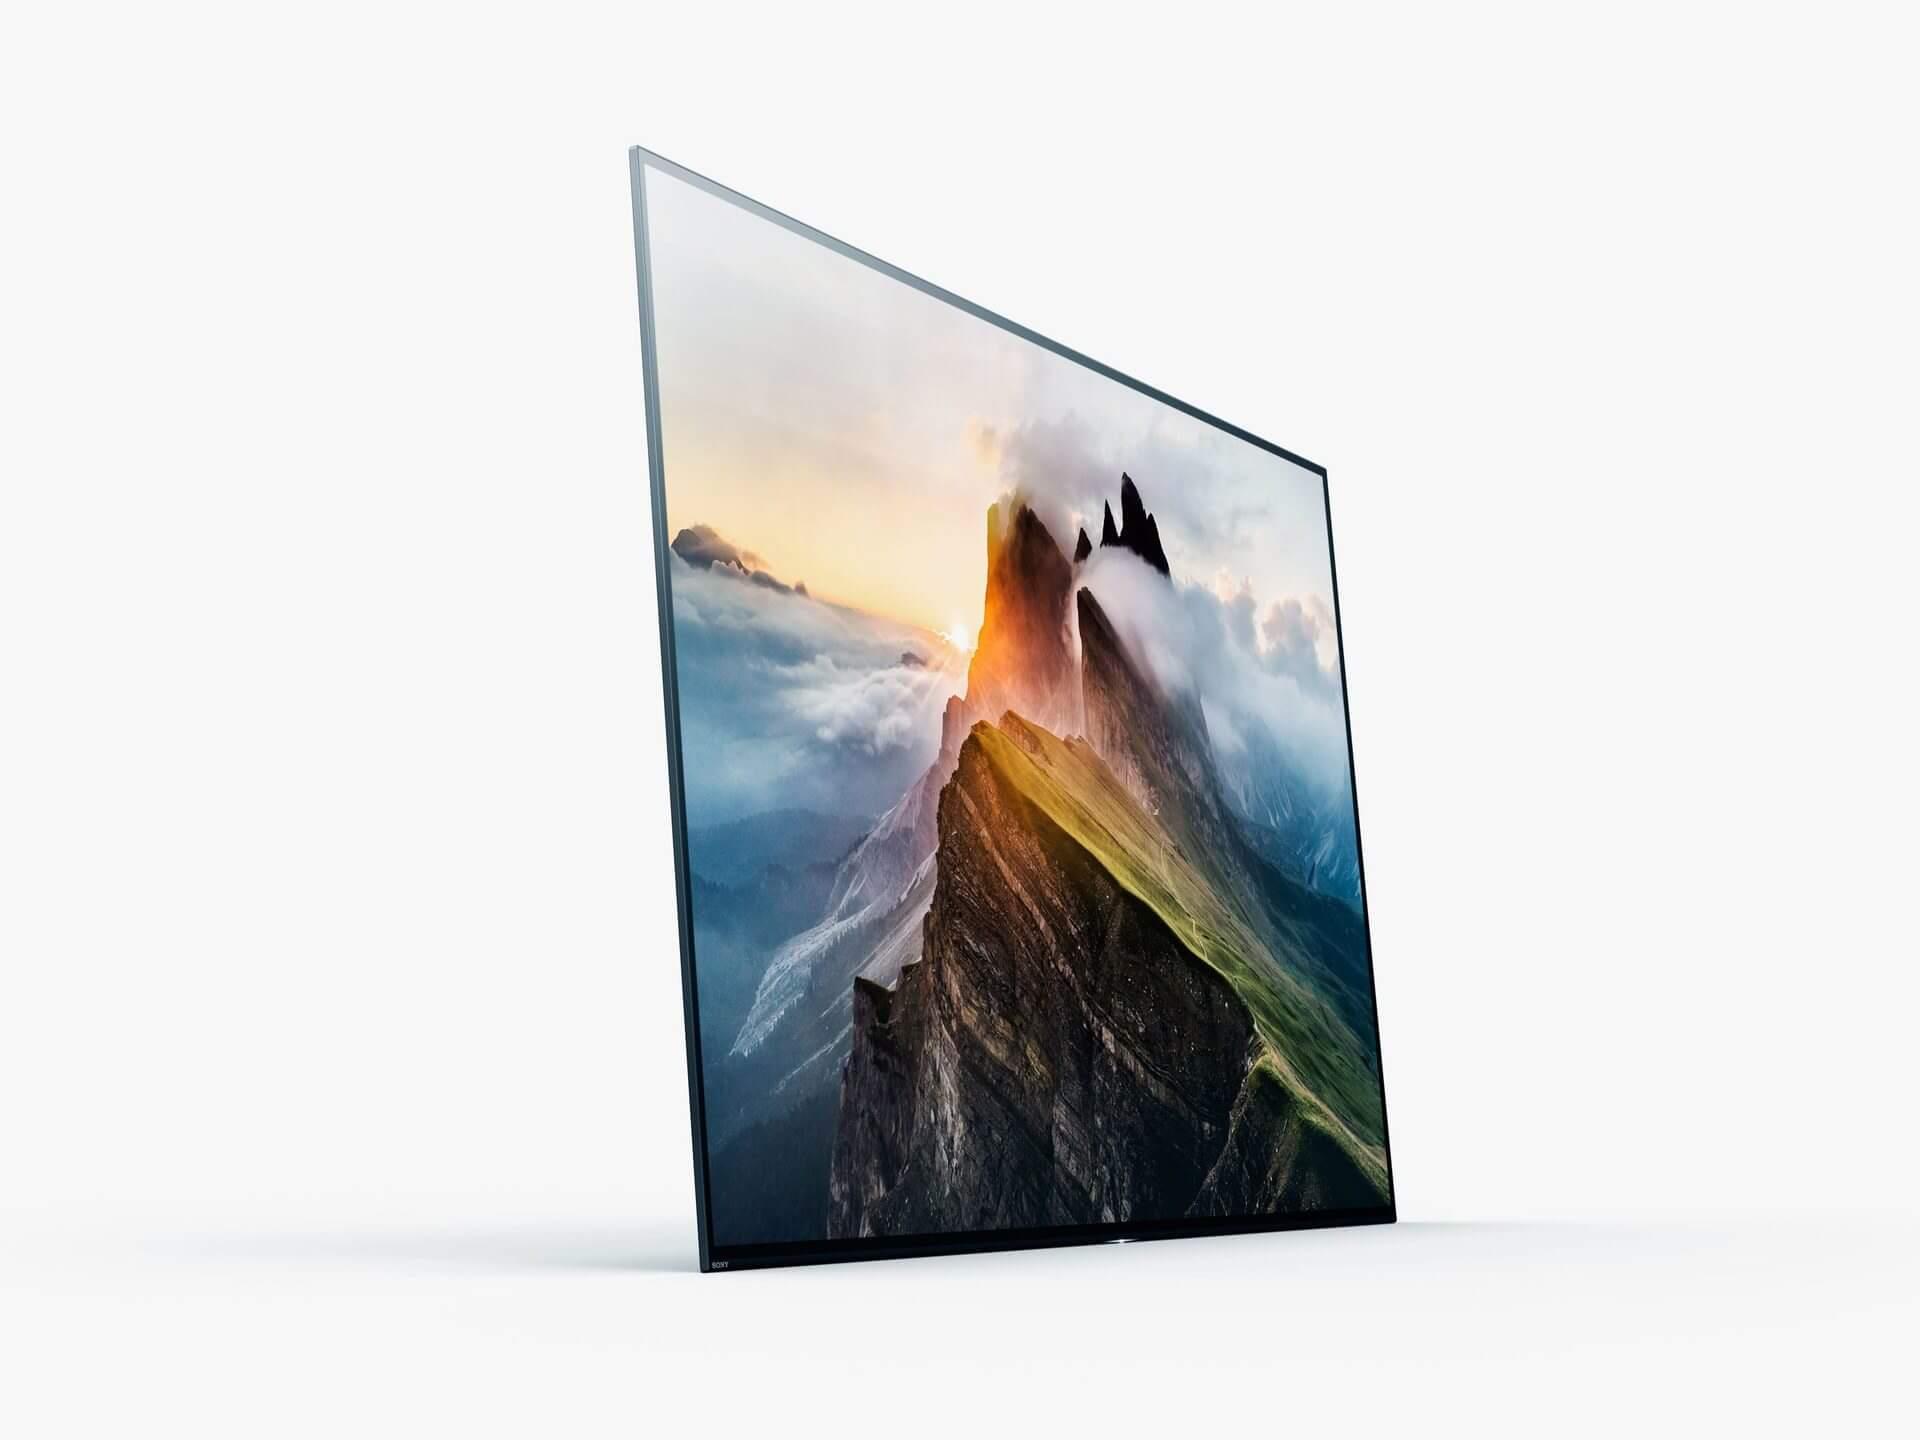 Ces 2017: sony lança primeira tela oled e projetor 4k. Sony abraça o oled e apresenta uma tela sem falantes, mas que tem alto e bom som. Além disso, um projetor 4k que fica perto da parede.